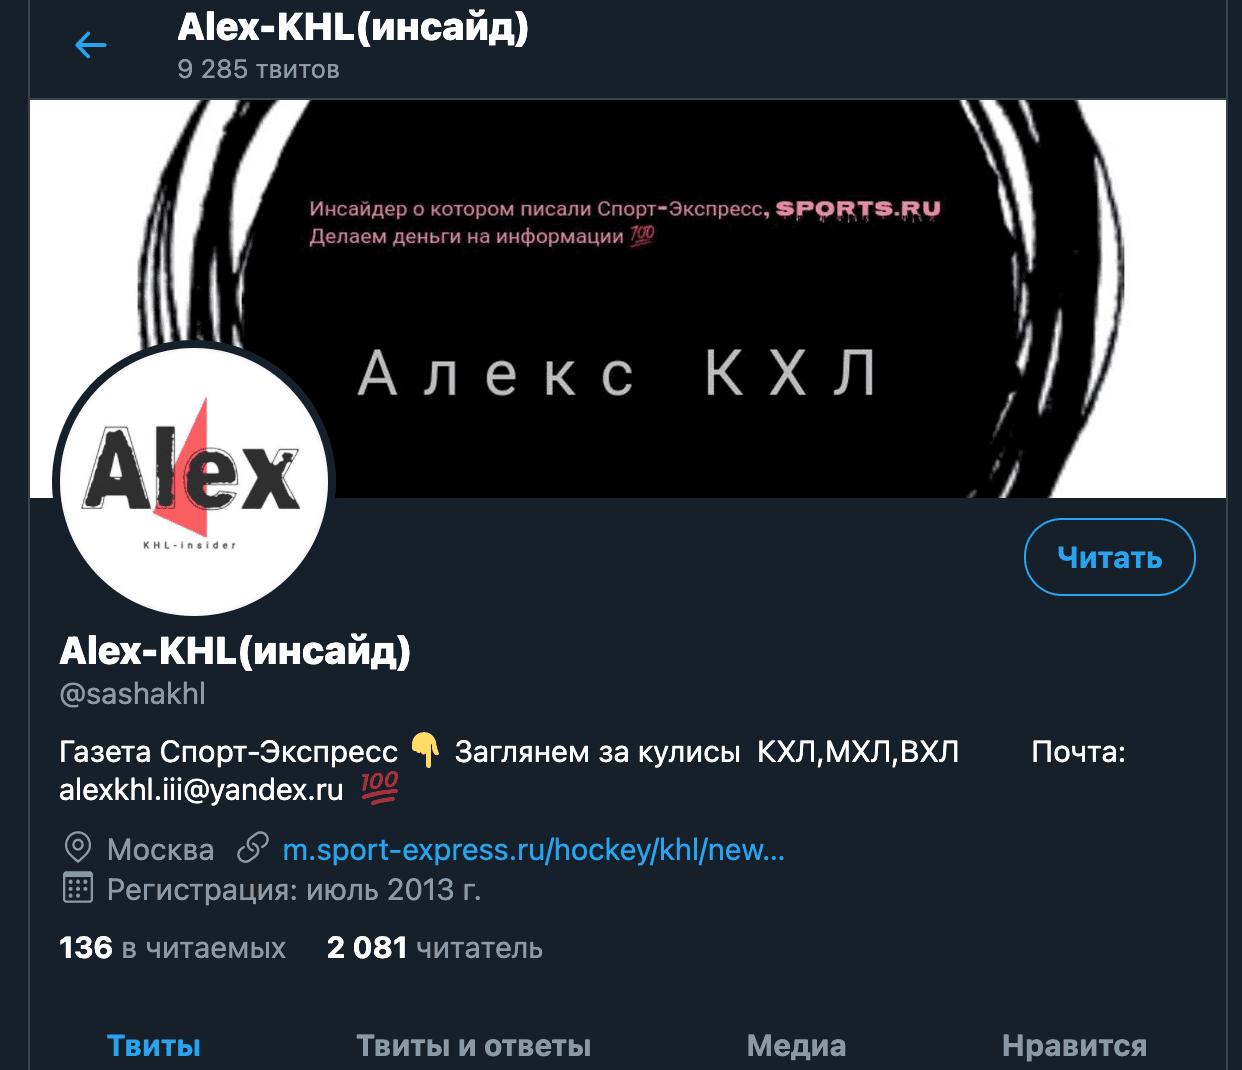 Официальный твиттер Алекс КХЛ